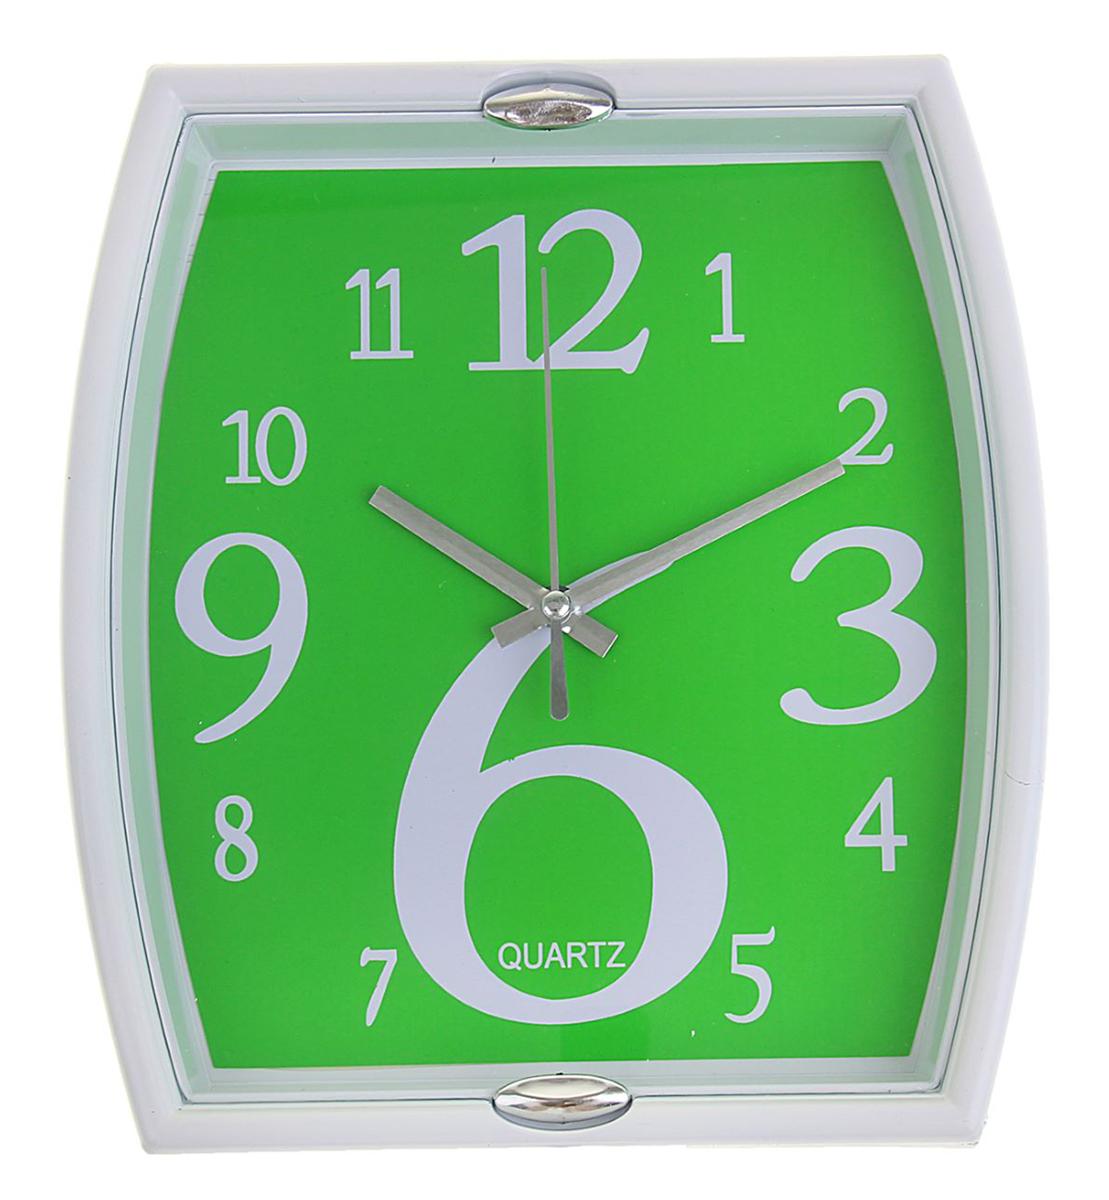 Часы настенные с 2 держателями, цвет: белый, зеленый, 21 х 23 см1195111Каждому хозяину периодически приходит мысль обновить свою квартиру, сделать ремонт, перестановку или кардинально поменять внешний вид каждой комнаты. Часы настенные Прямоугольник фигурный, рама белая, 2 держателя, циферблат зеленый — привлекательная деталь, которая поможет воплотить вашу интерьерную идею, создать неповторимую атмосферу в вашем доме. Окружите себя приятными мелочами, пусть они радуют глаз и дарят гармонию.Часы настенные прямоугольник фигурный, рама белая с 2 держ овал, циферблат зеленый 21х23см 1195111